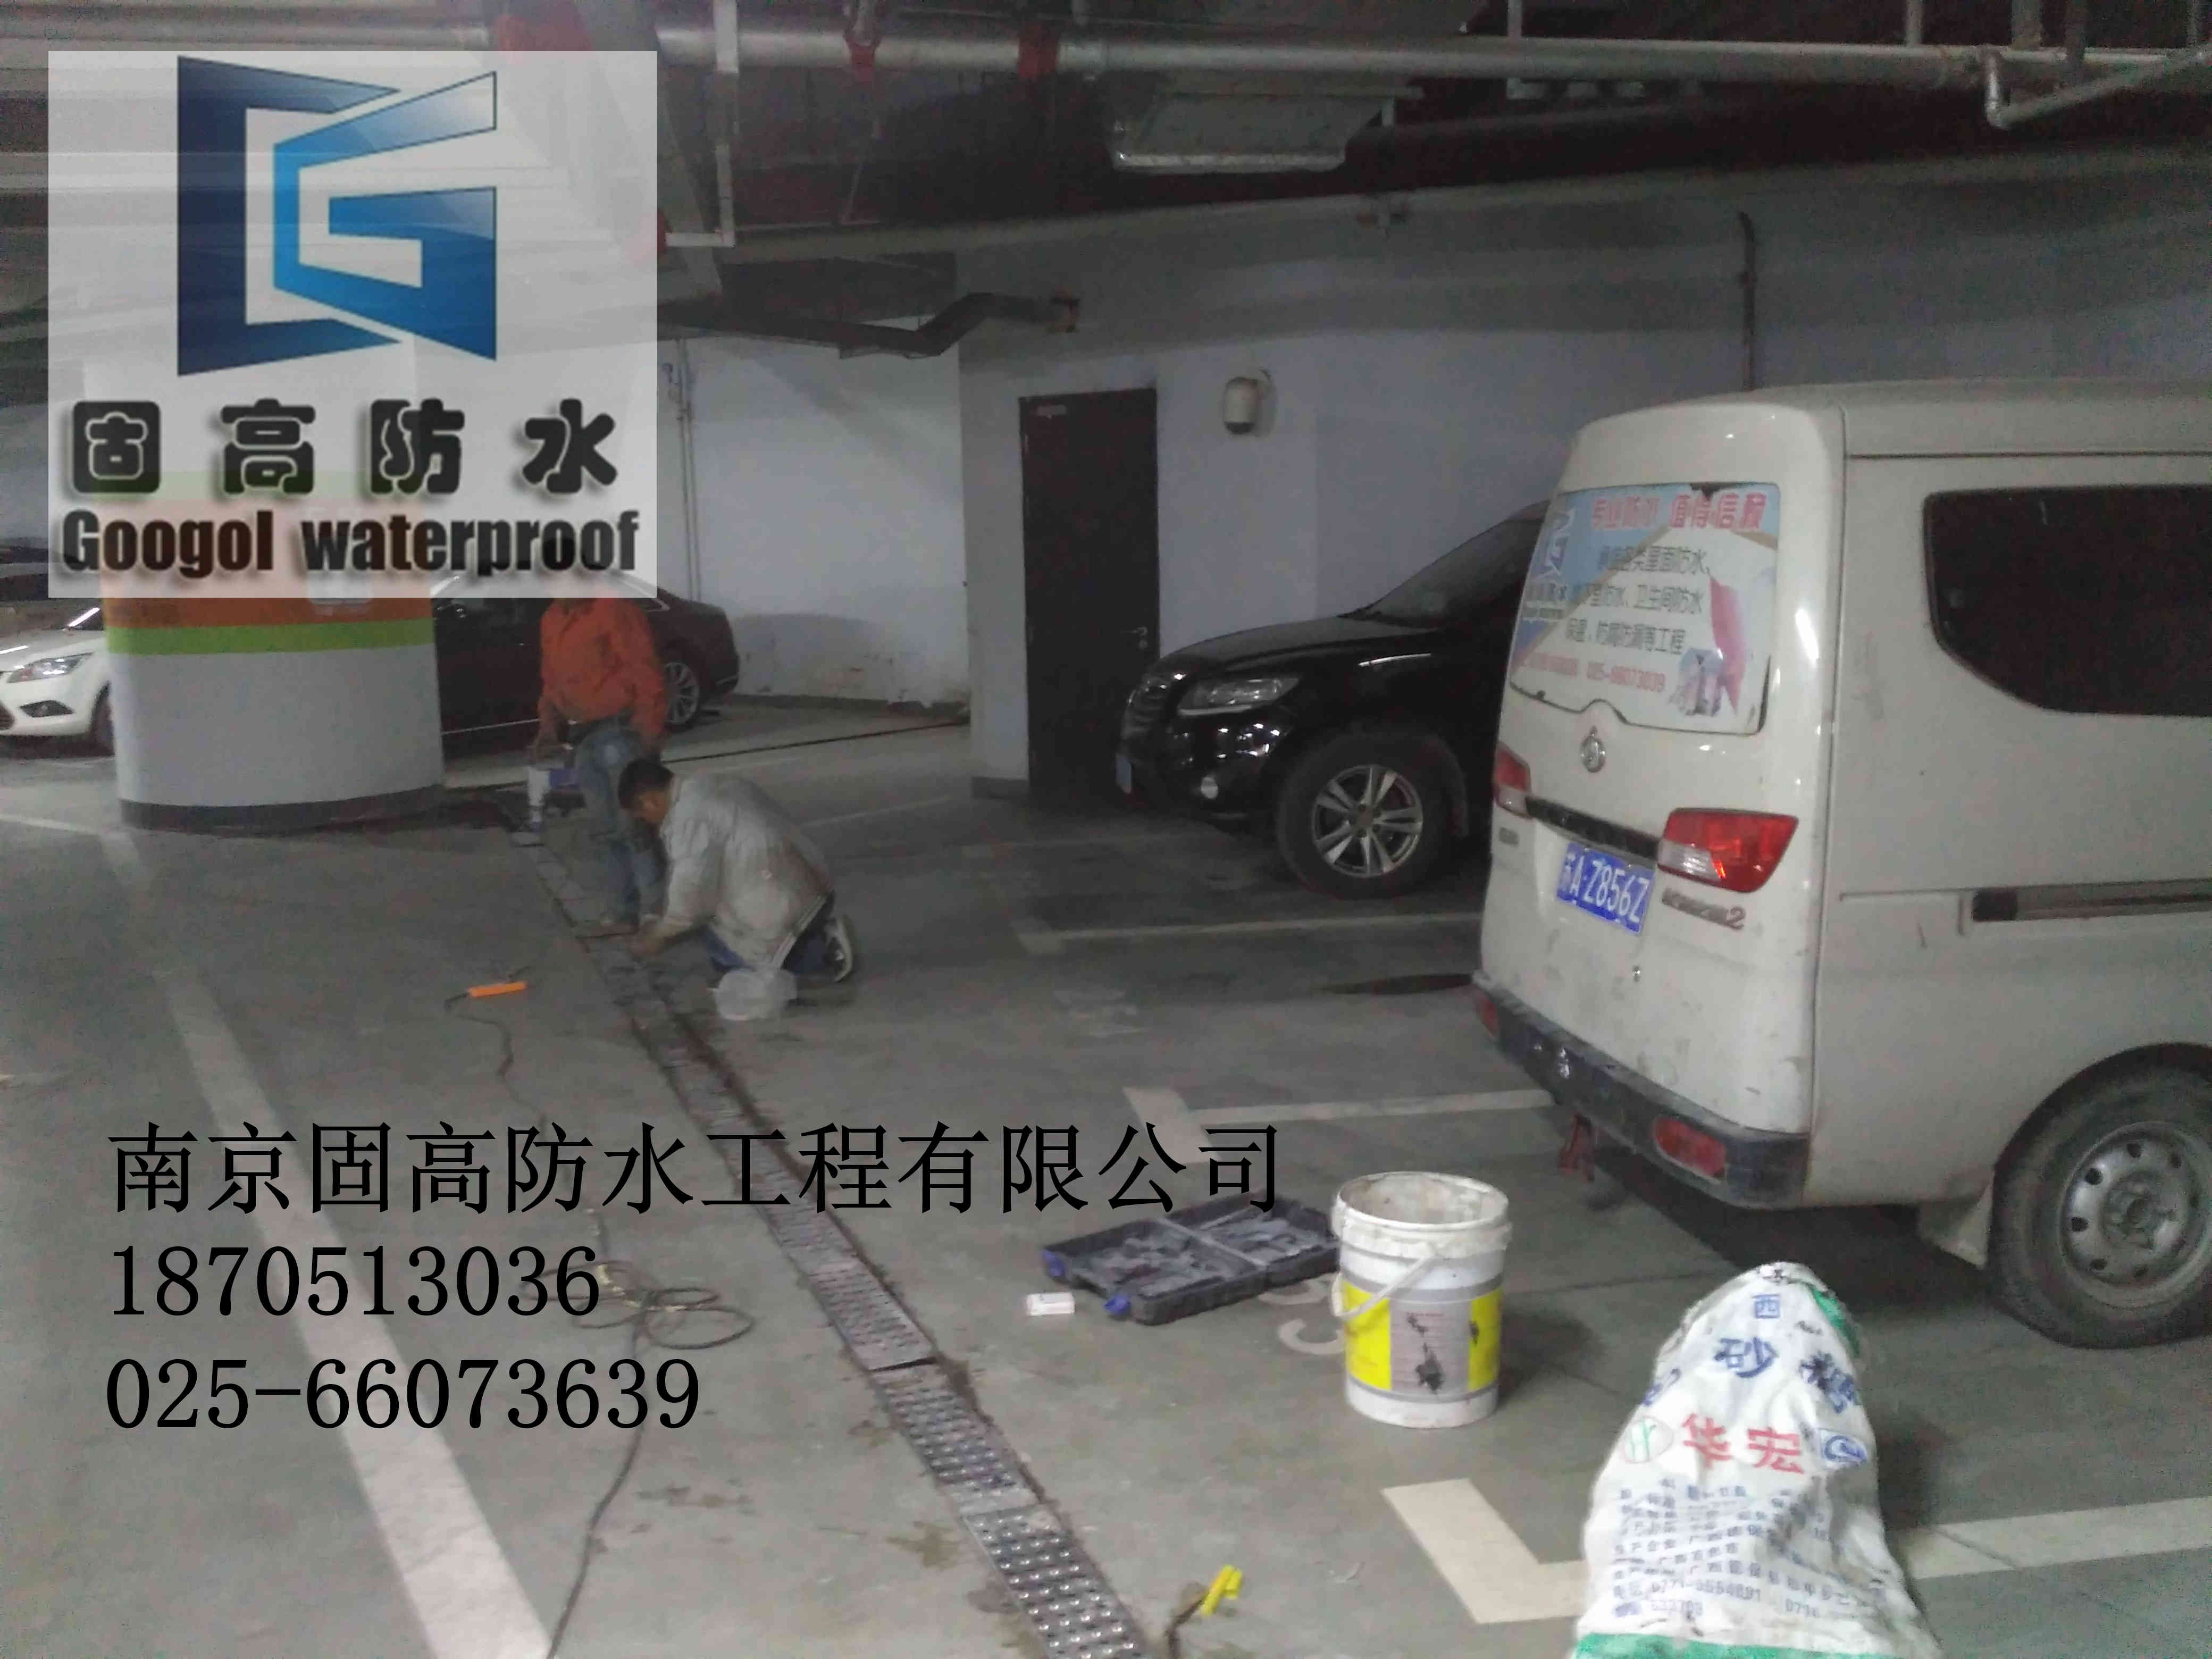 紫峰地下停车场-24fe81da0167c5448d186c739419177e_20170729110669676967